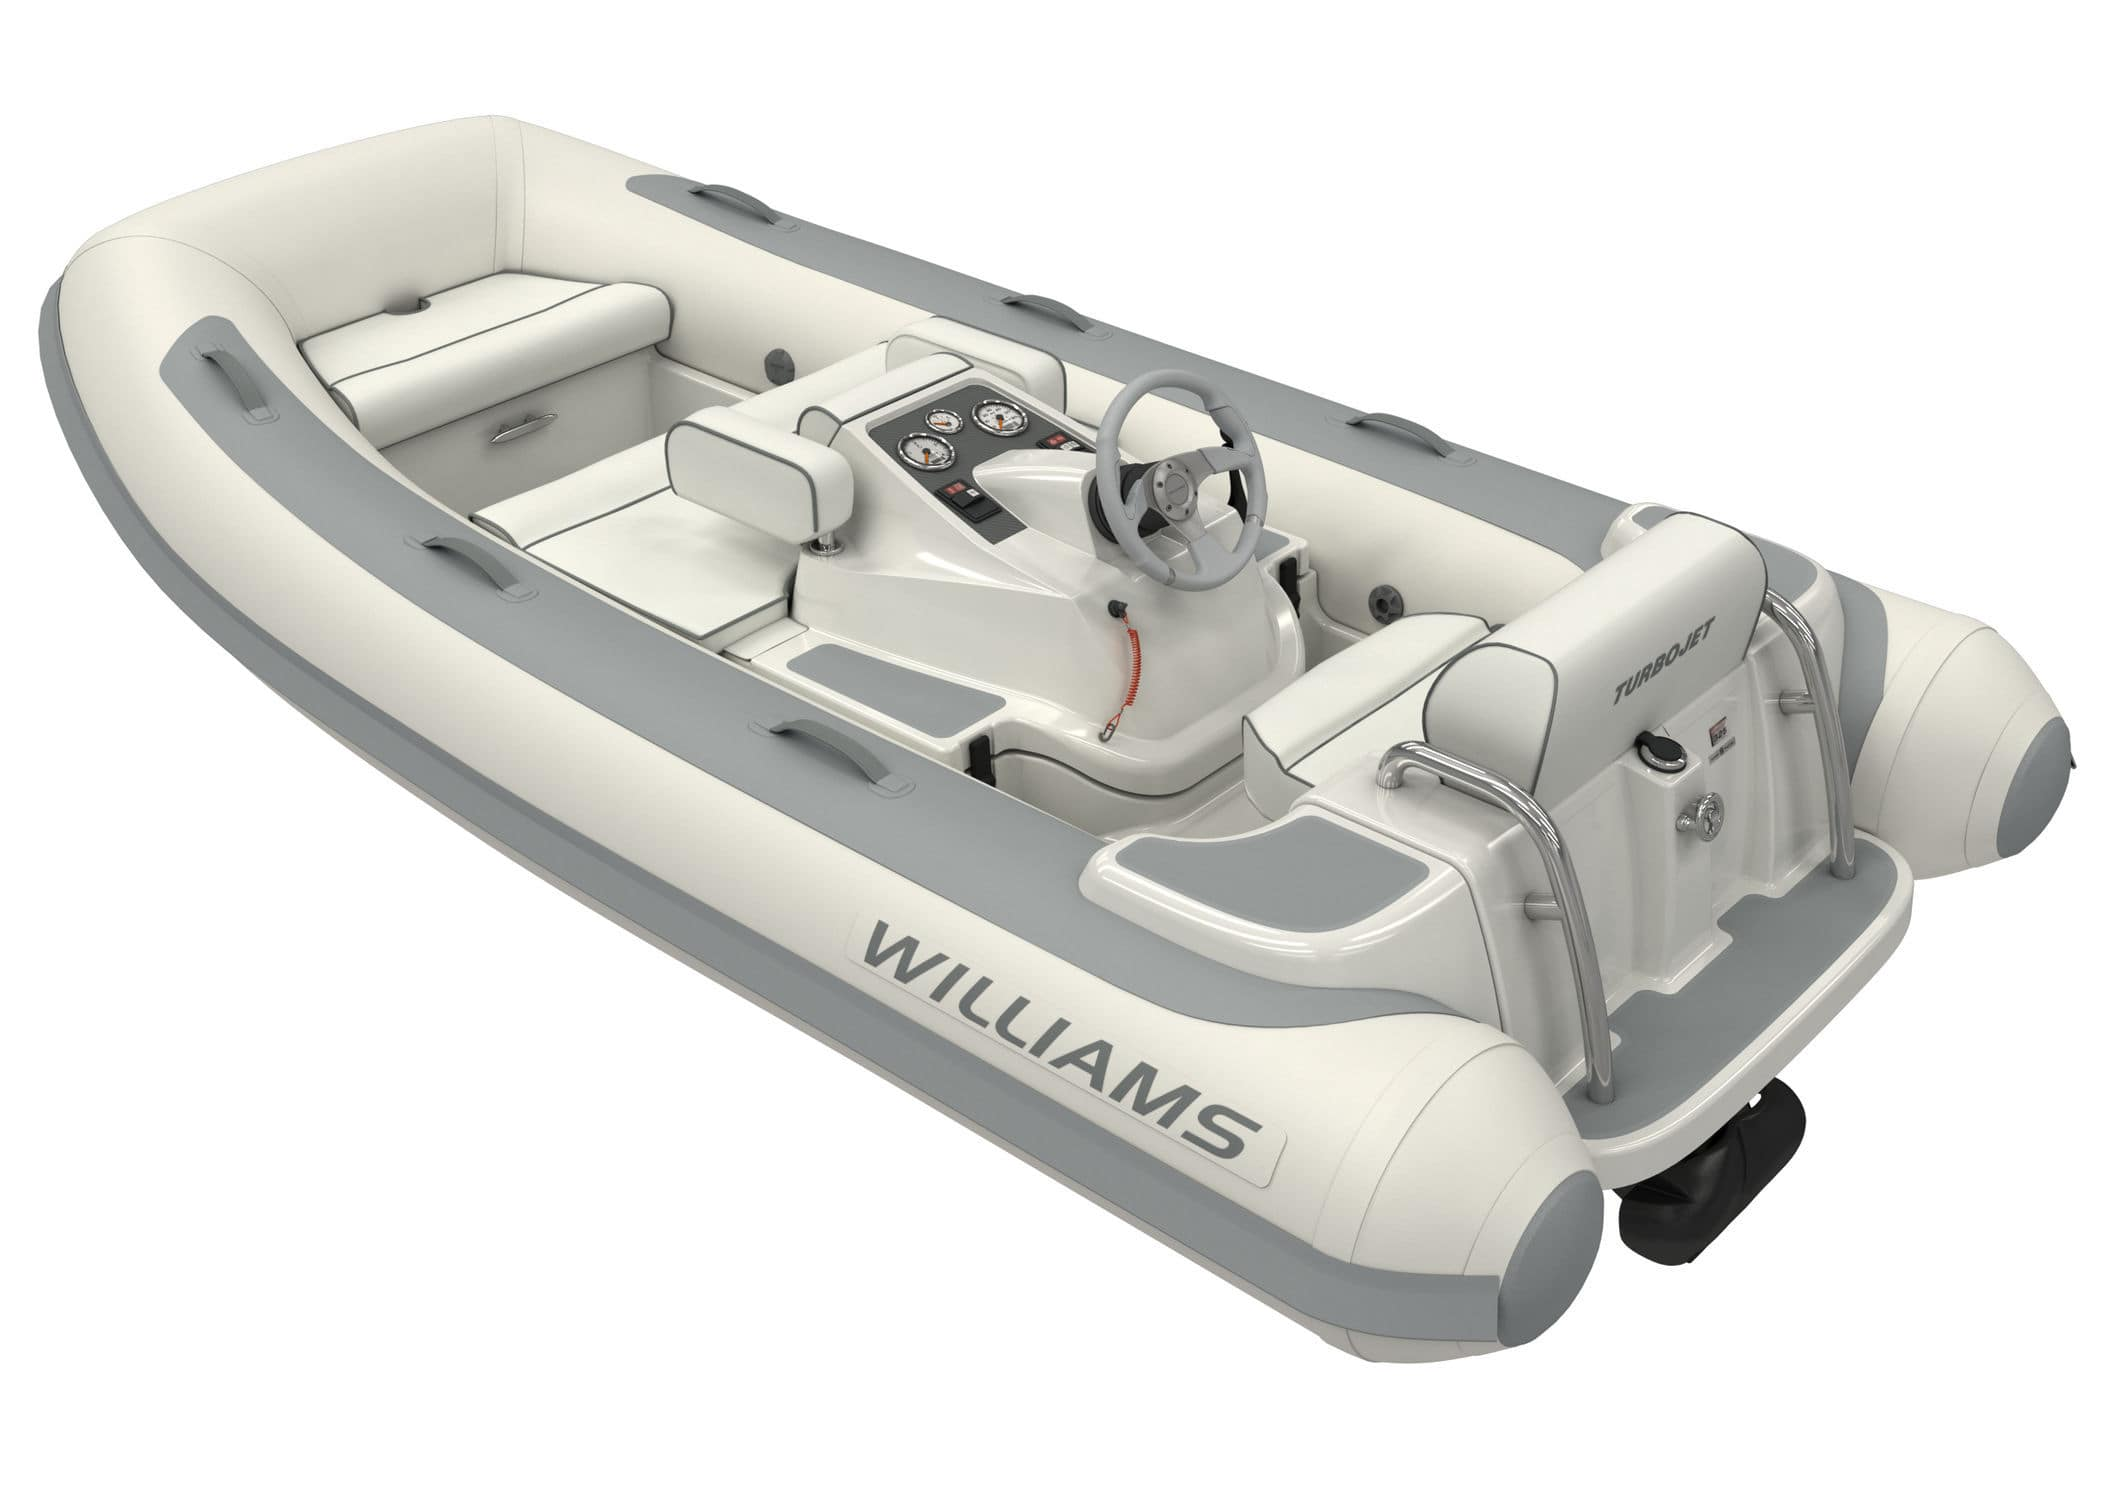 bateau williams